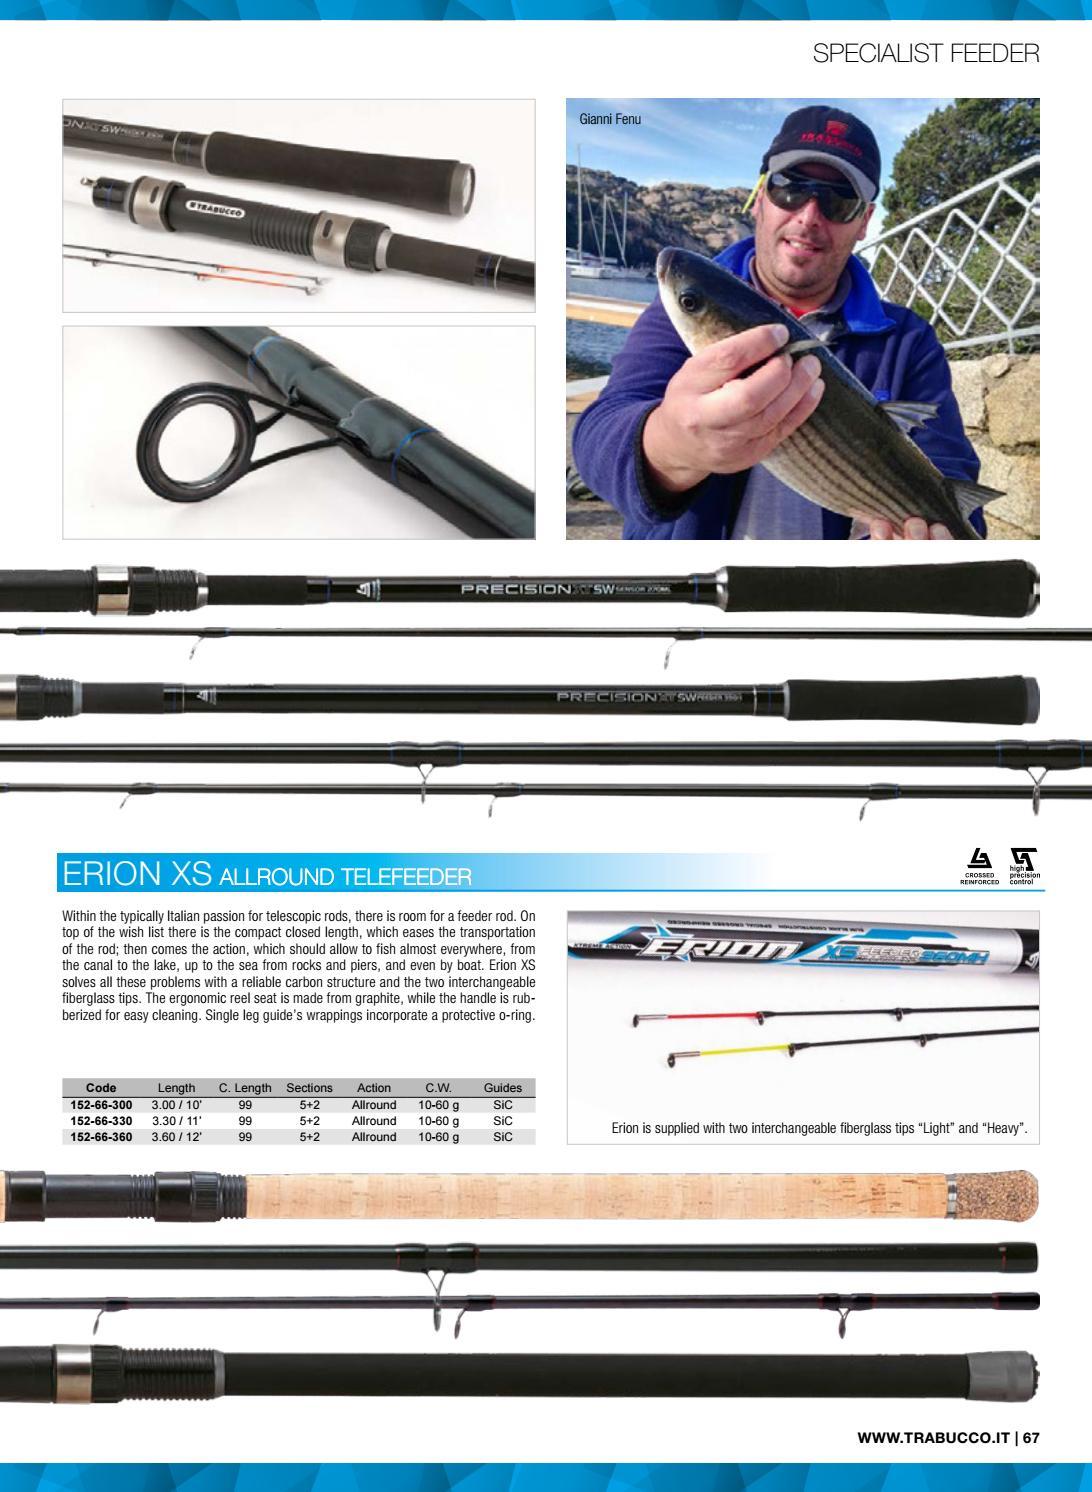 7b545186348 Trabucco Fishing Catalog 2017 EU by Trabucco Fishing Diffusion - issuu